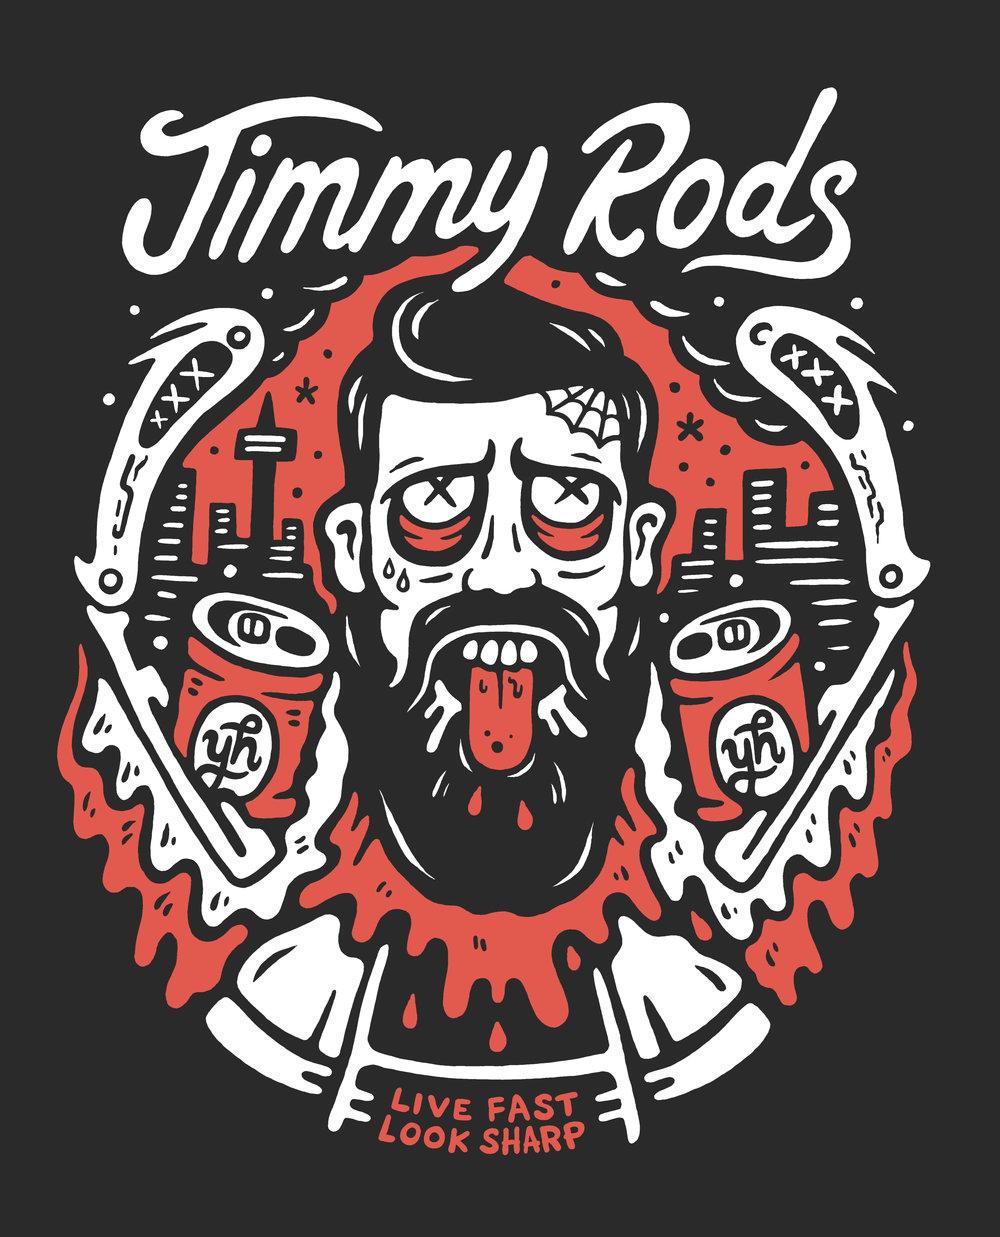 JIMMY ROD YH [SHIRT BACK - PSD].jpg